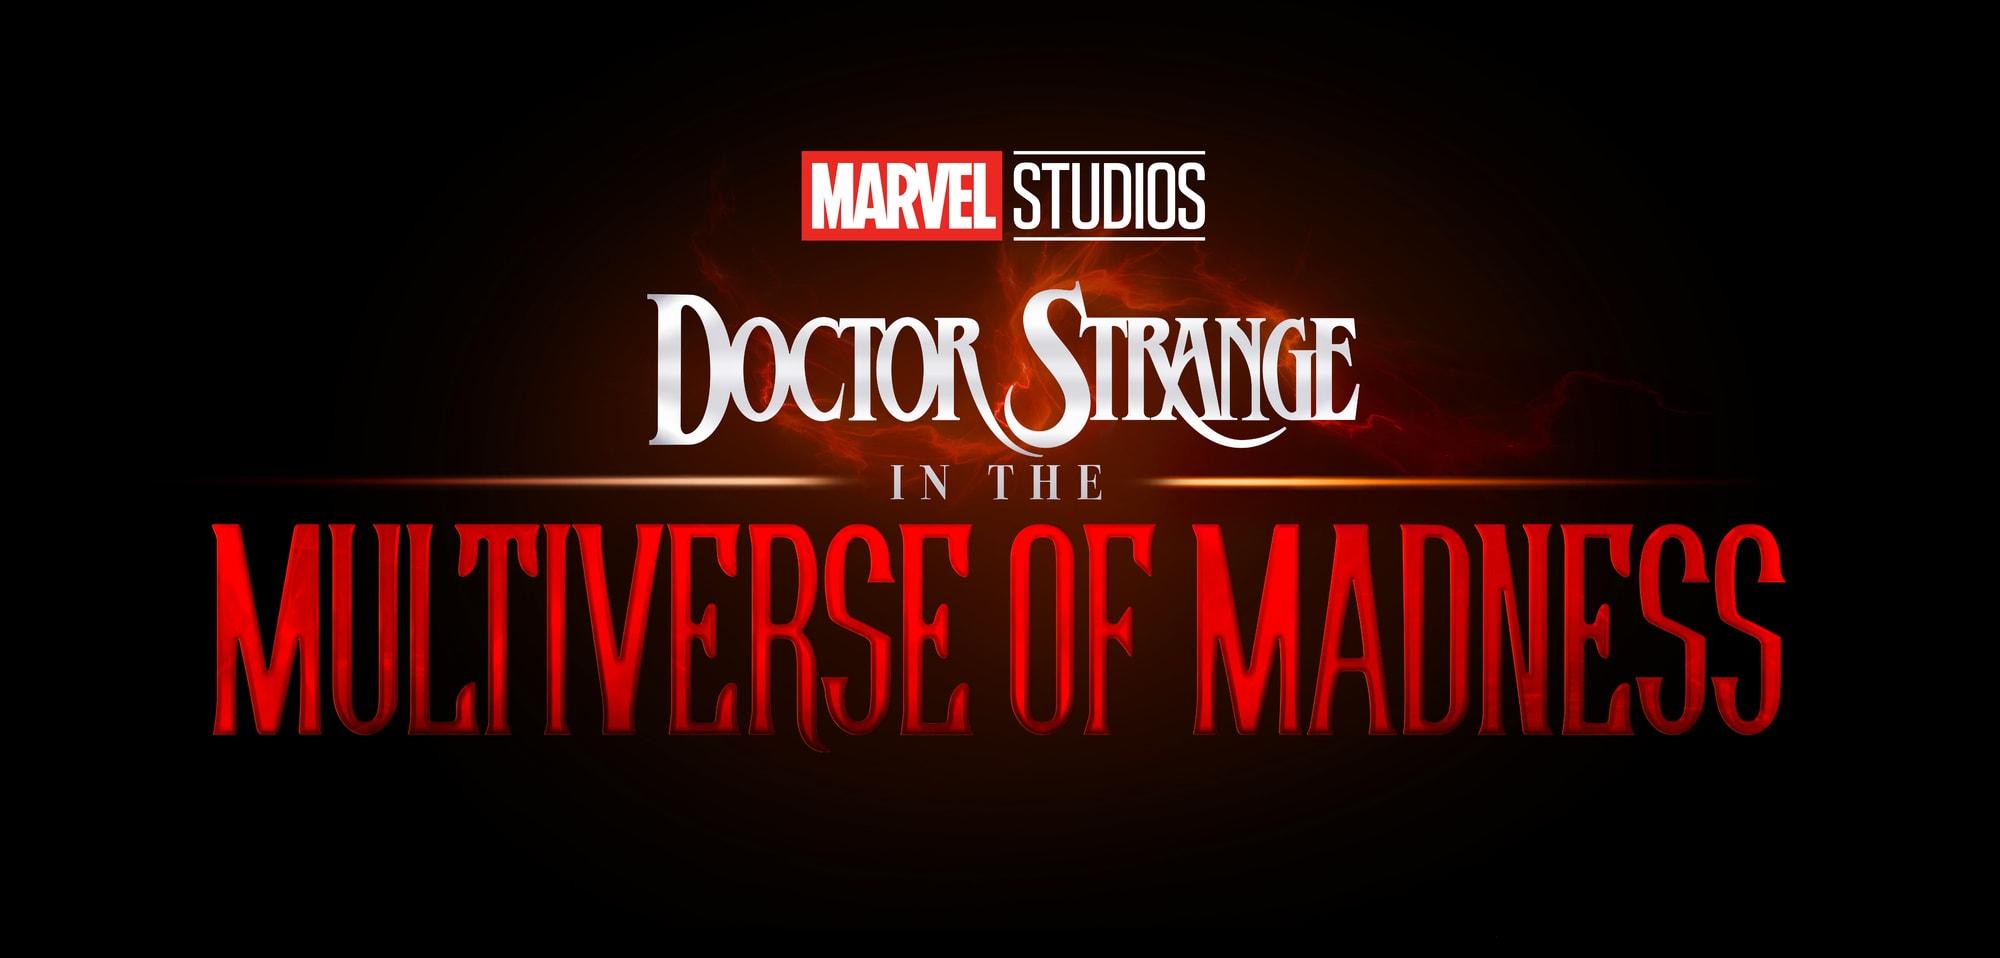 Doctor Strange in Marvel's Phase 4 looks horrifyingly good